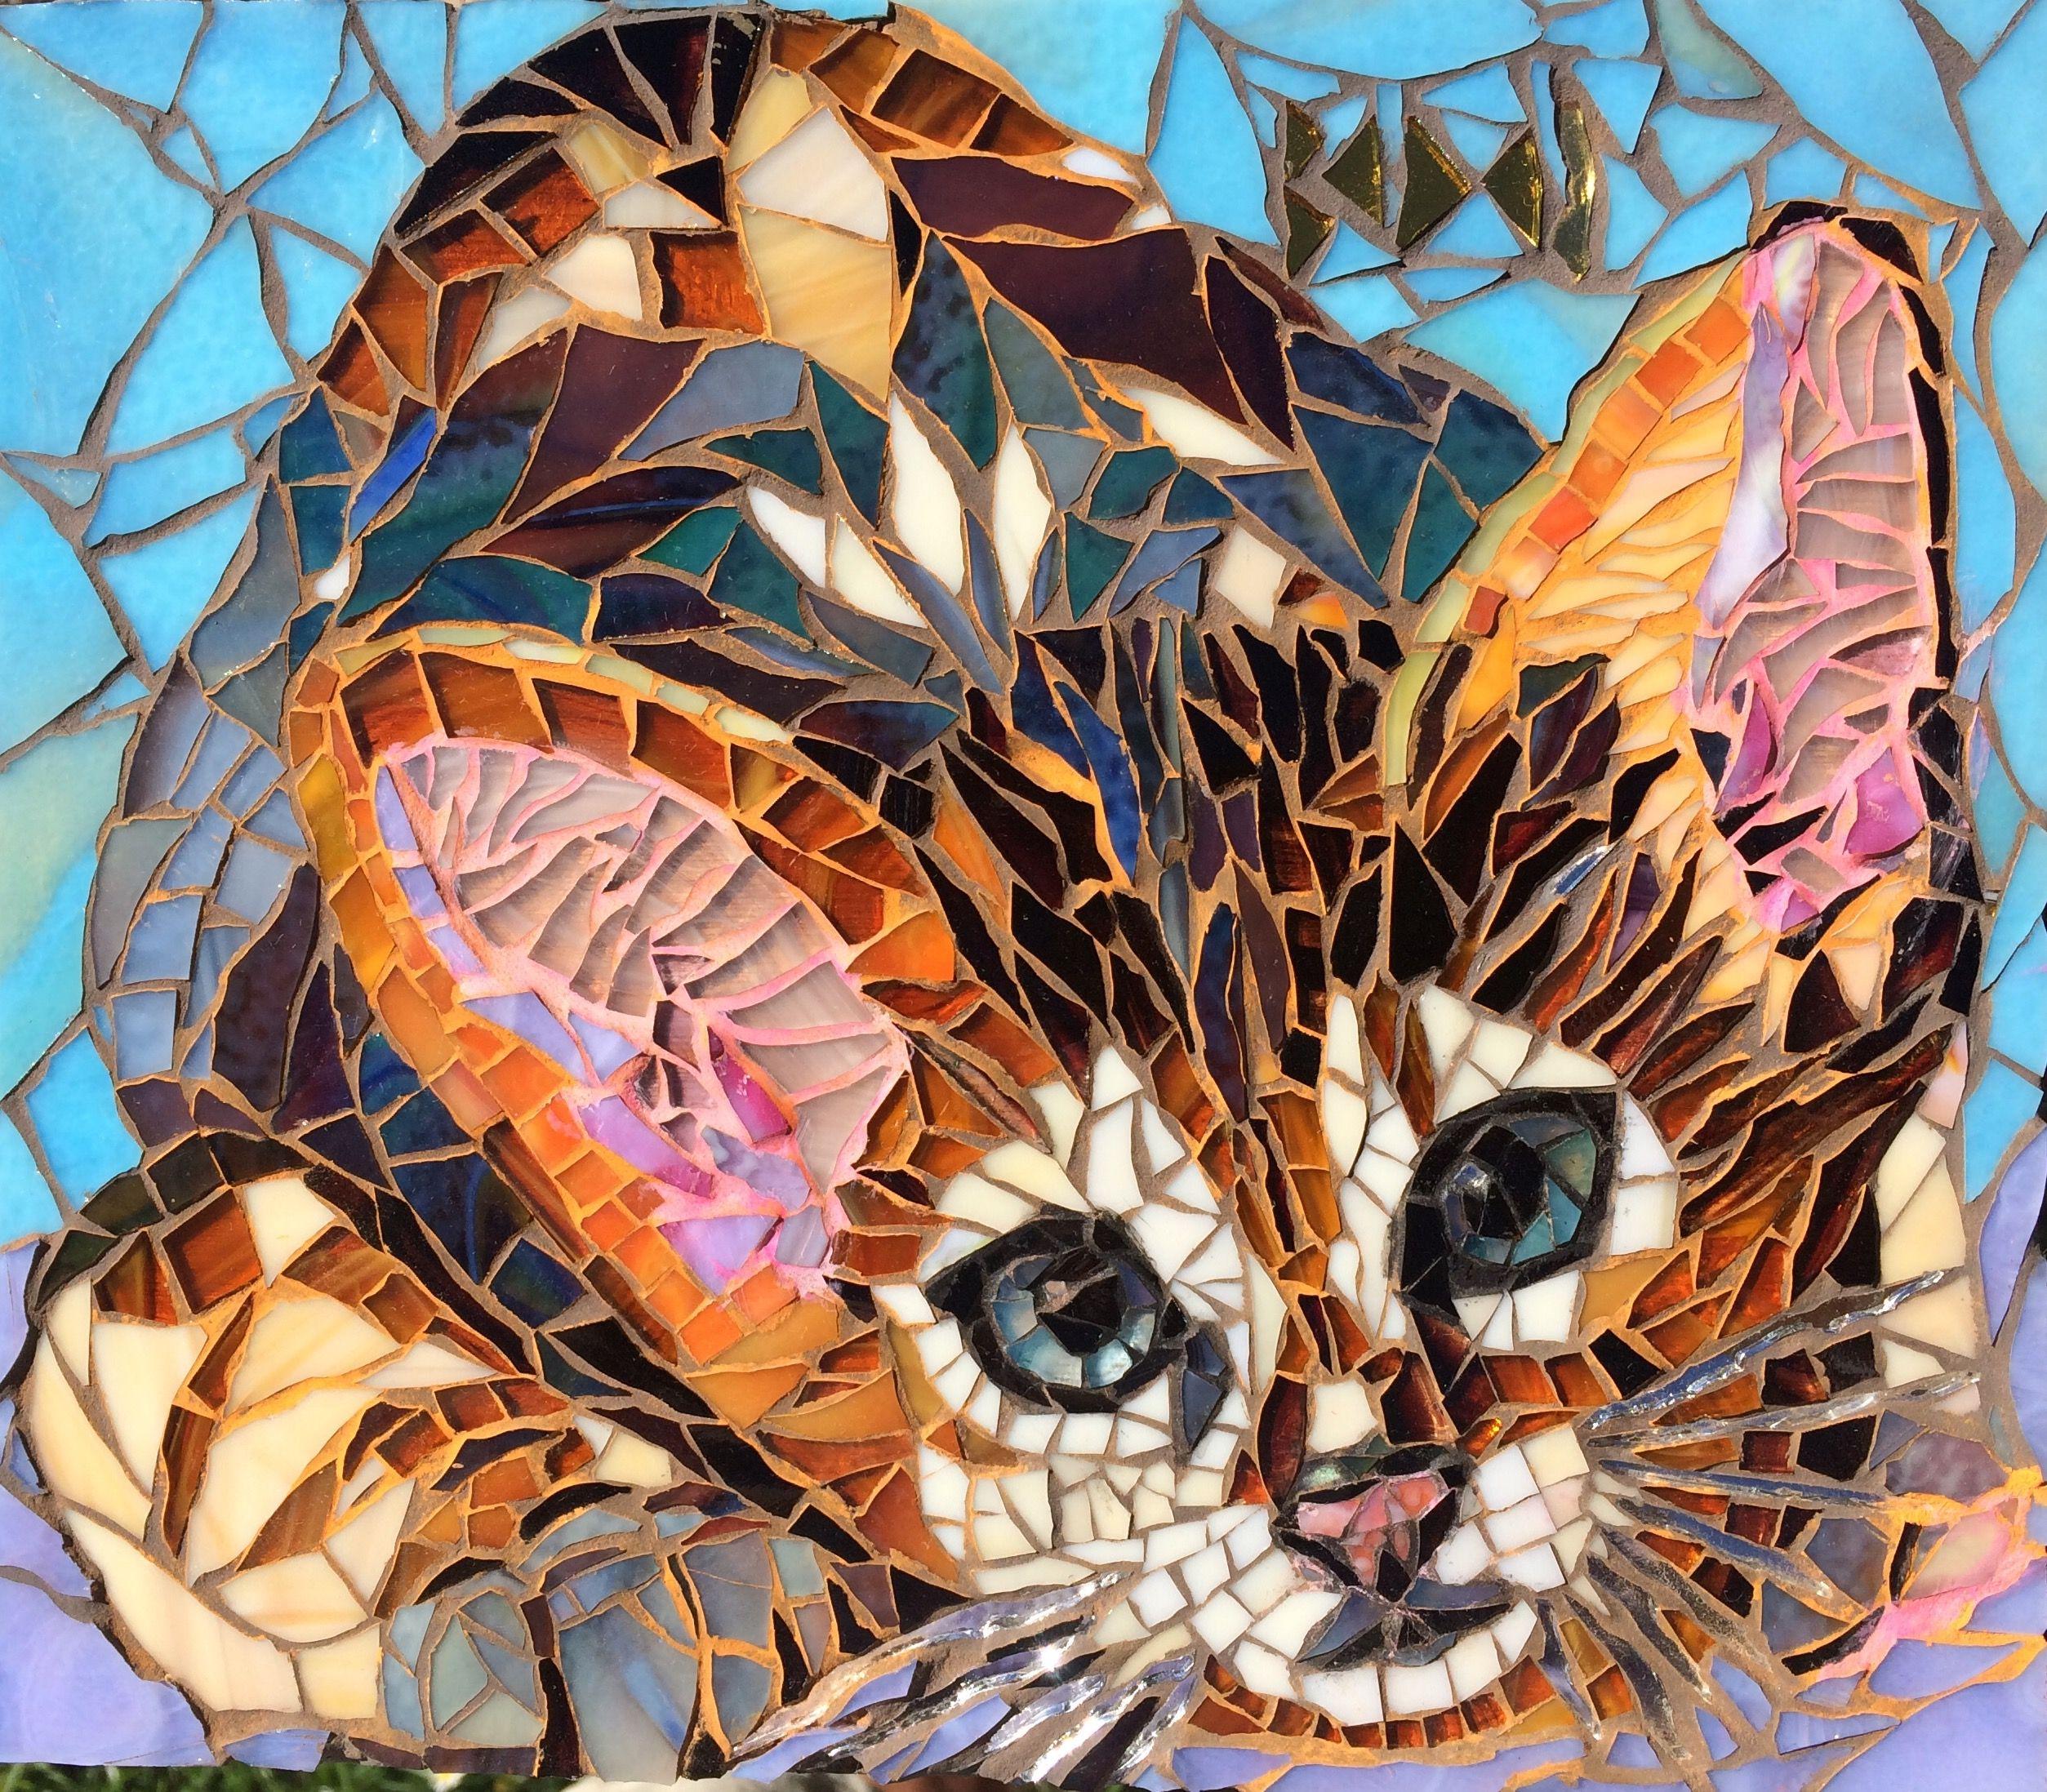 Art Et Decoration Juin 2017 anne bedel juin 2017 : kitten, chaton en mosaique de verre